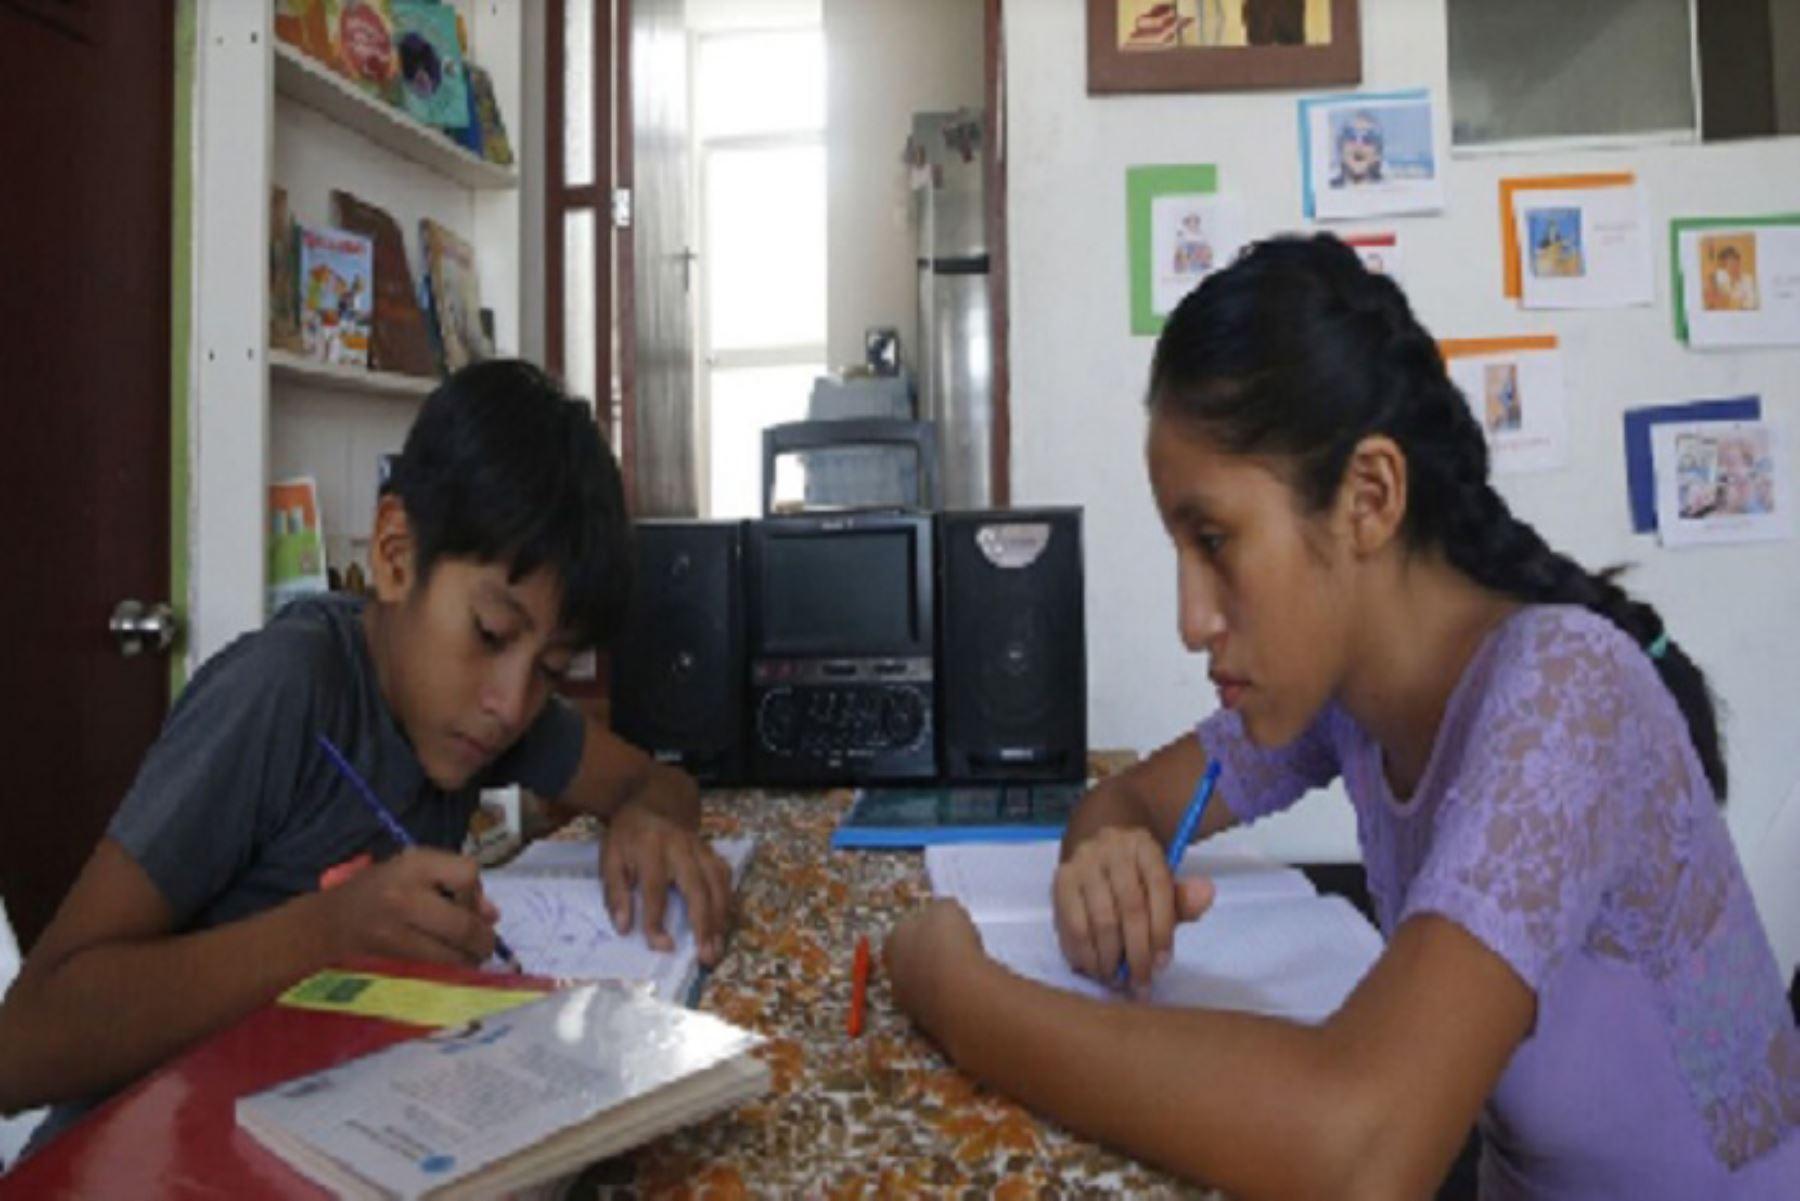 Aprendo en casa llega al 80% de los escolares de los colegios públicos. ANDINA/Minedu